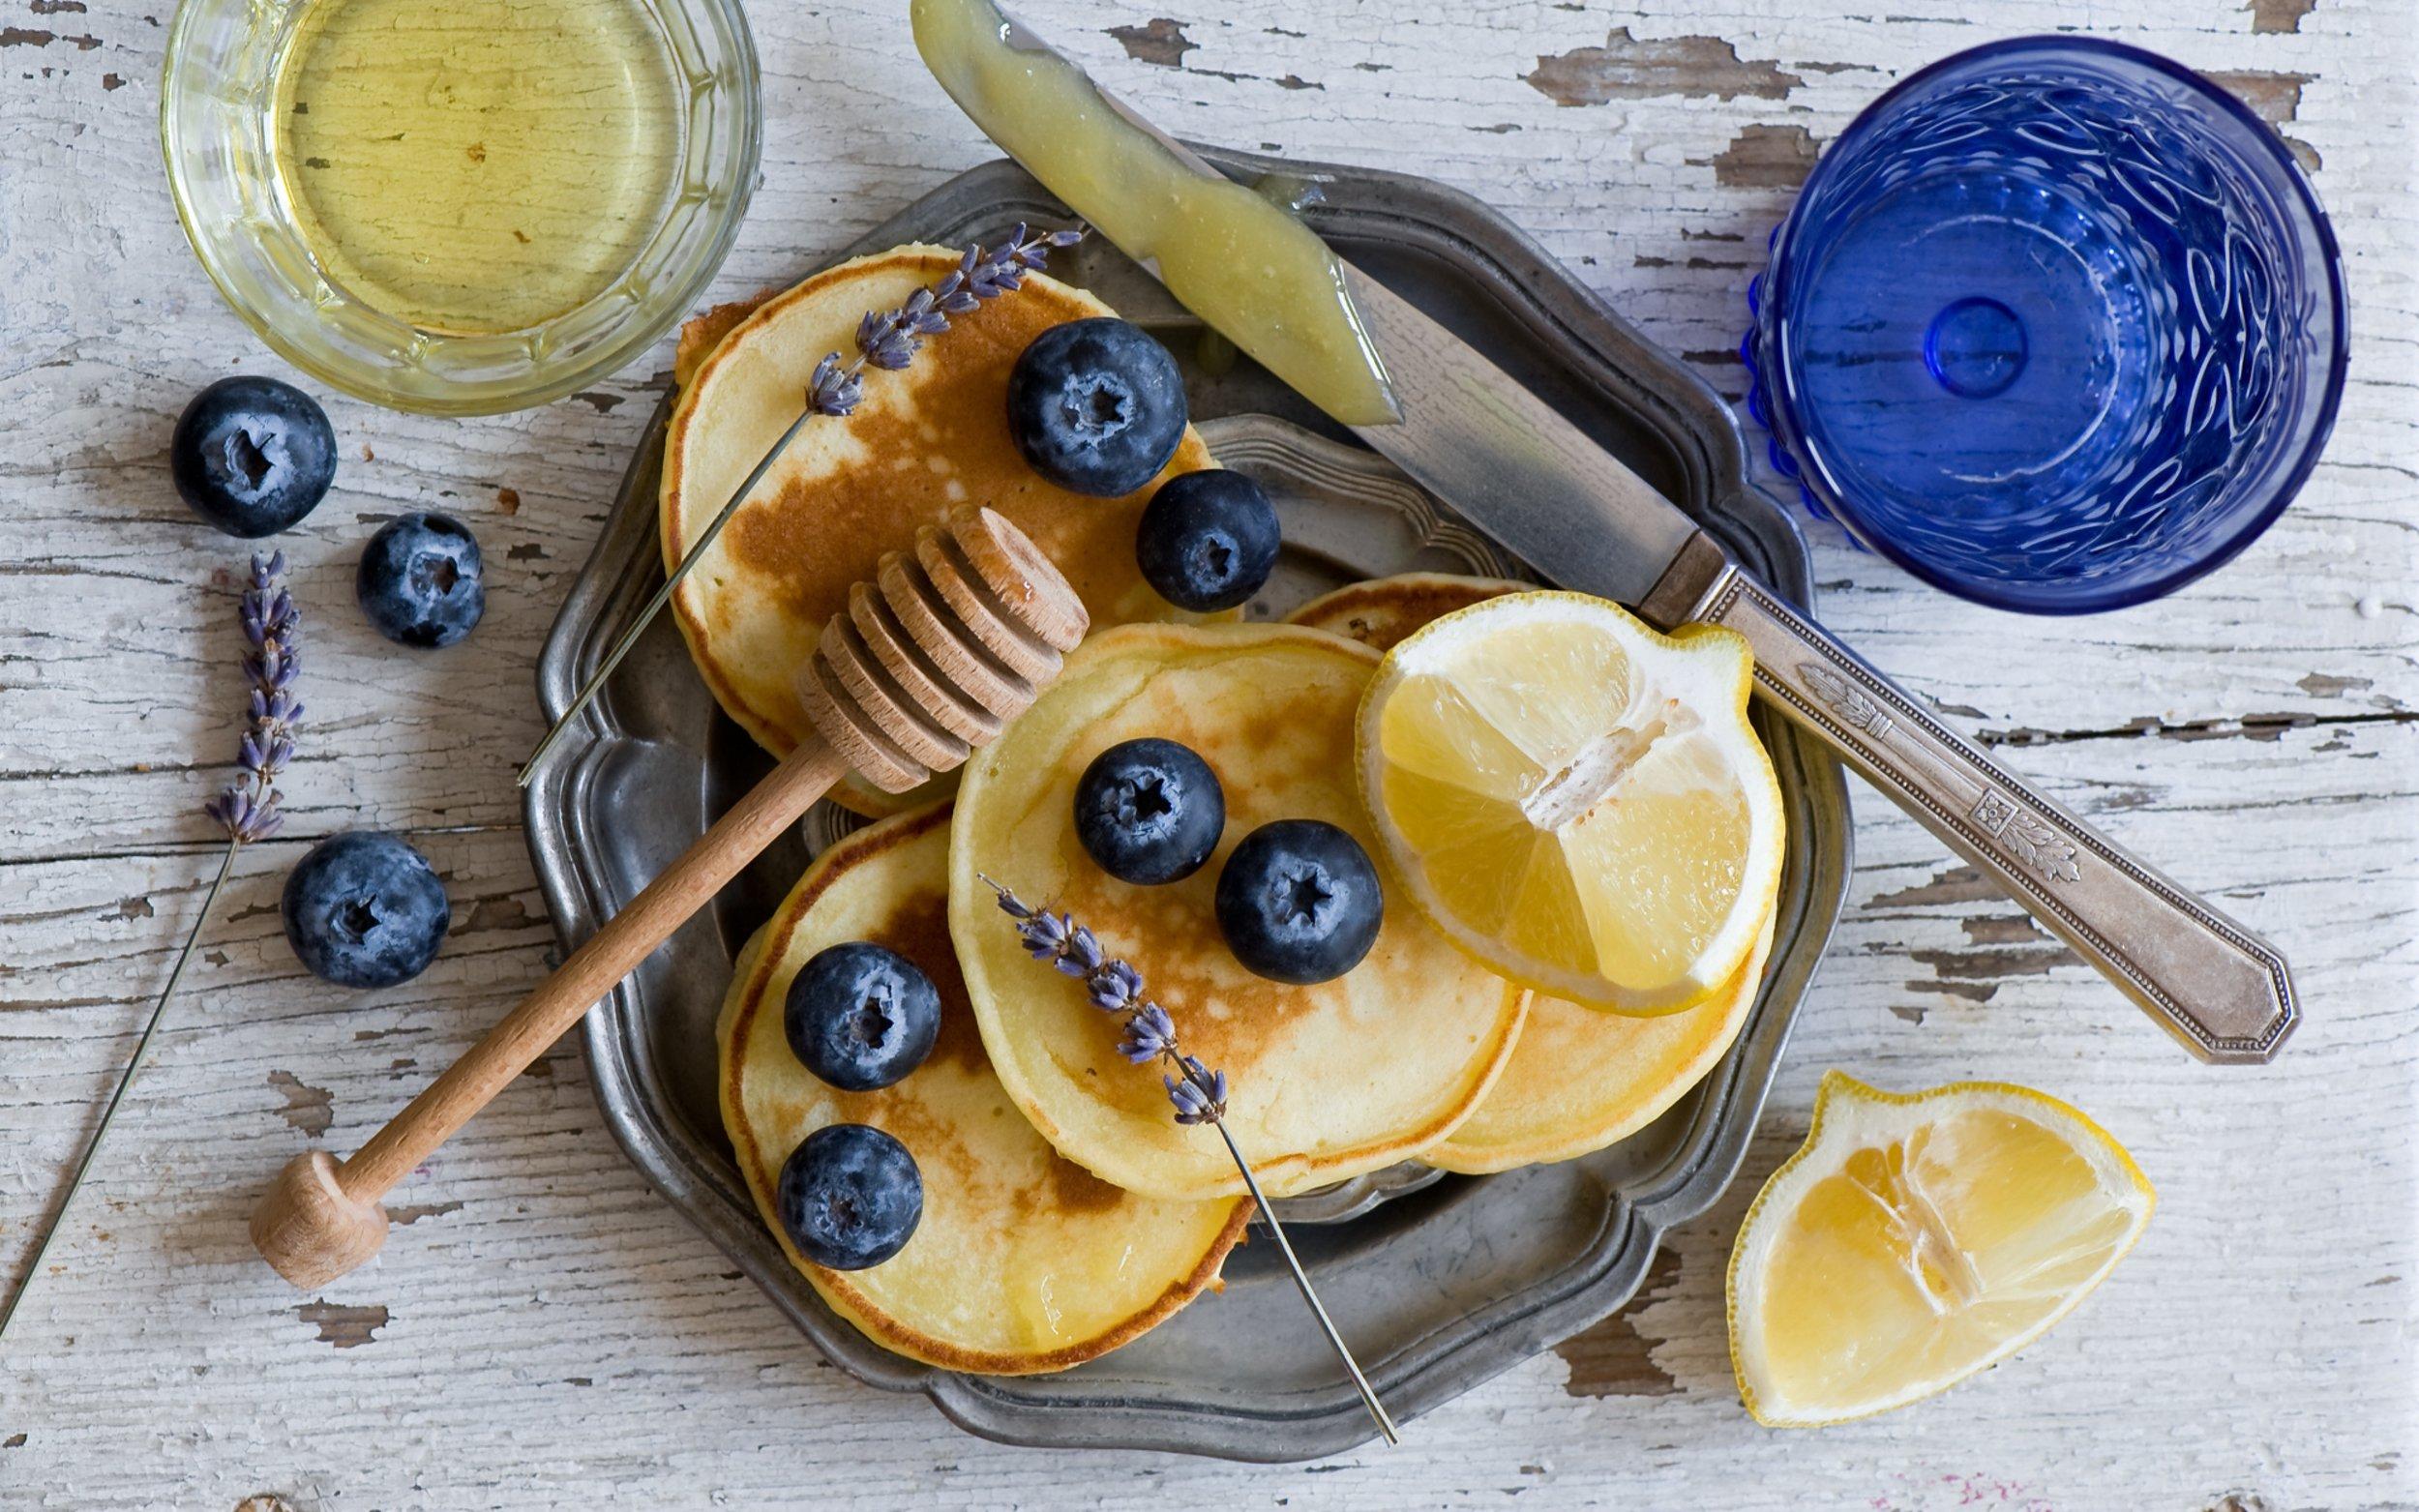 muffin_blueberry_honey_lemon_101075_3840x2400.jpg